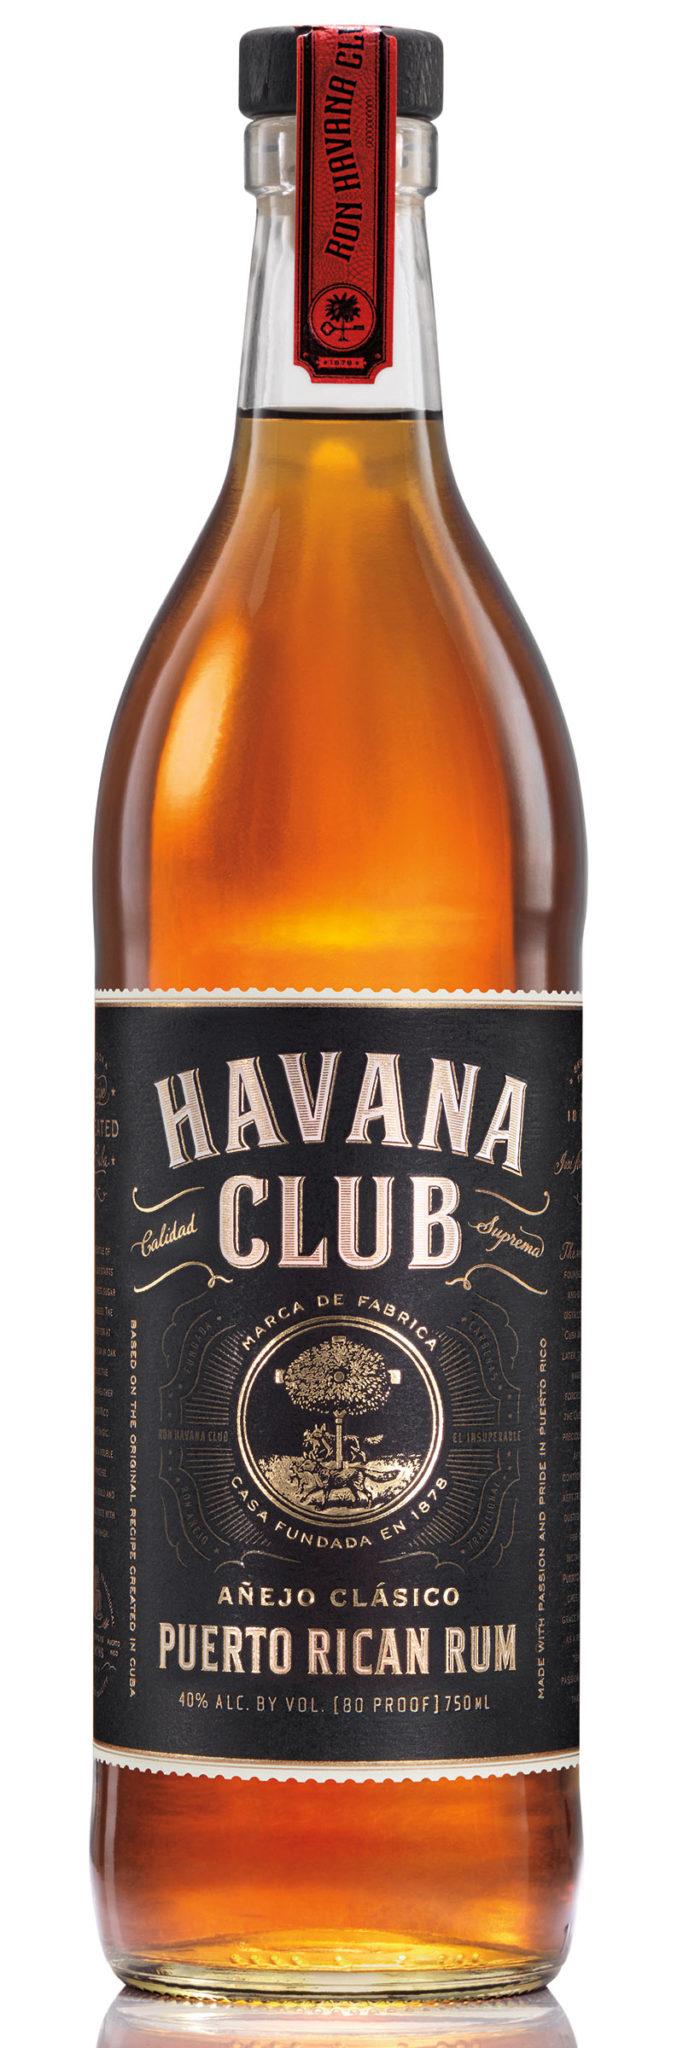 Bacardi Havana Club Añejo Clasico Image